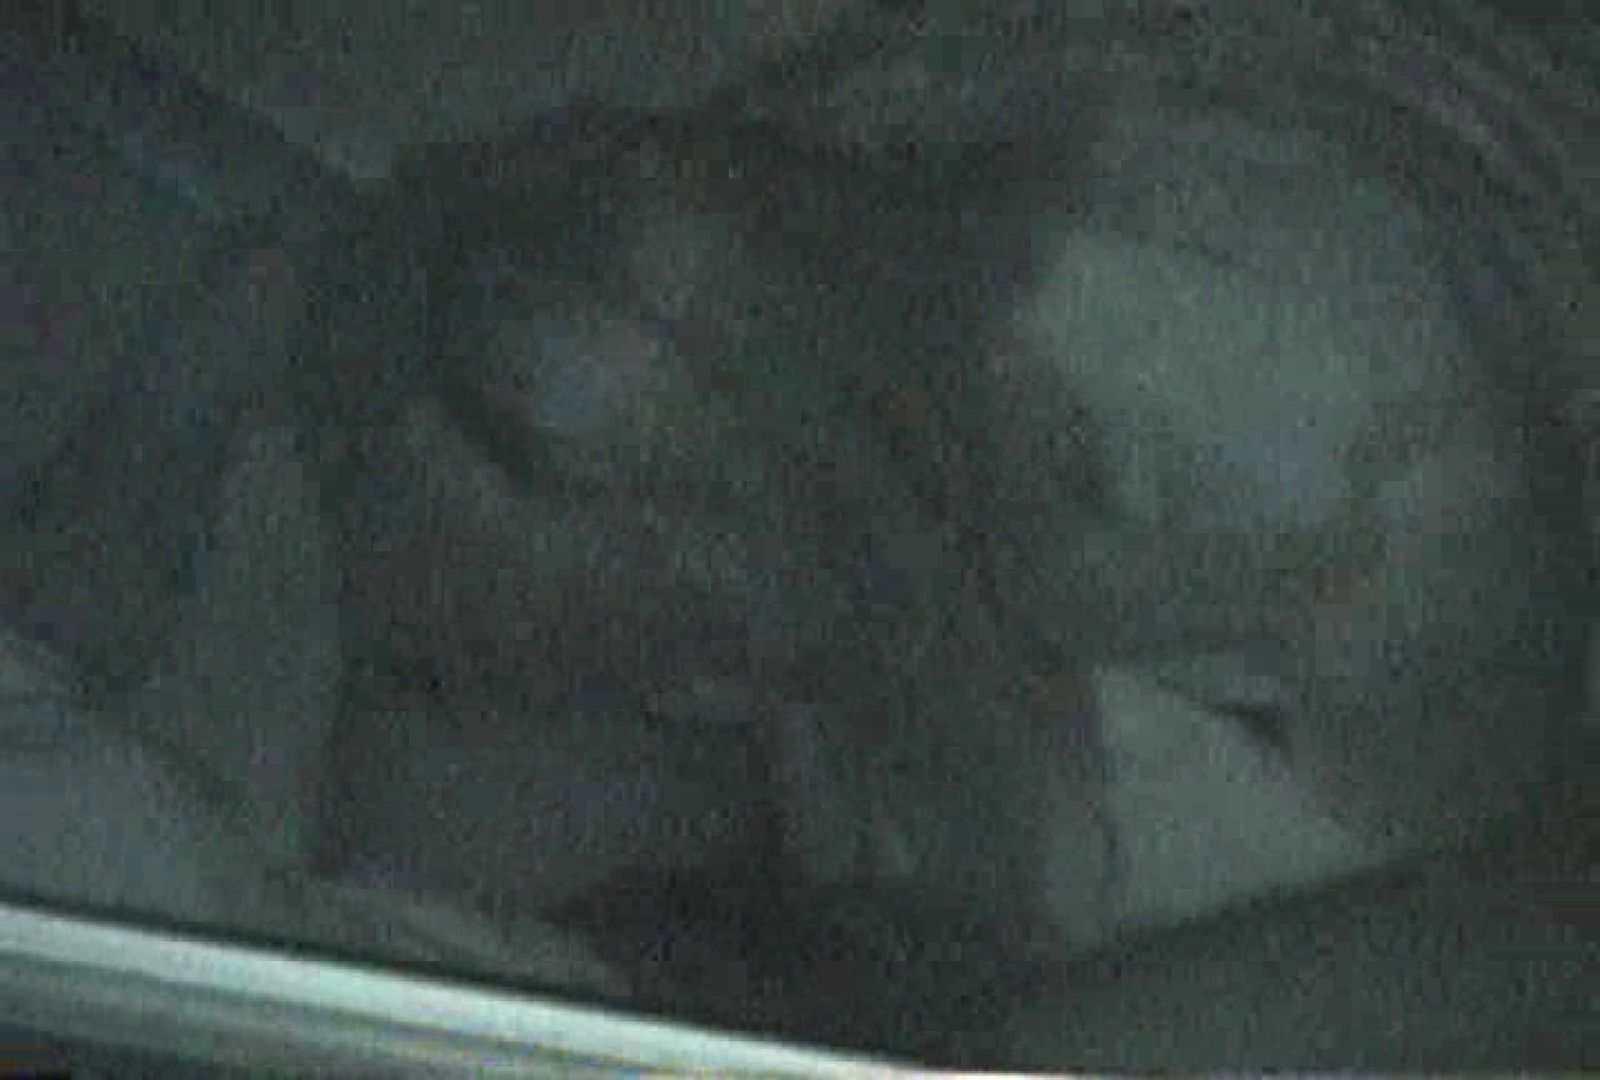 充血監督の深夜の運動会Vol.112 OLエロ画像 盗み撮りAV無料動画キャプチャ 83PICs 23